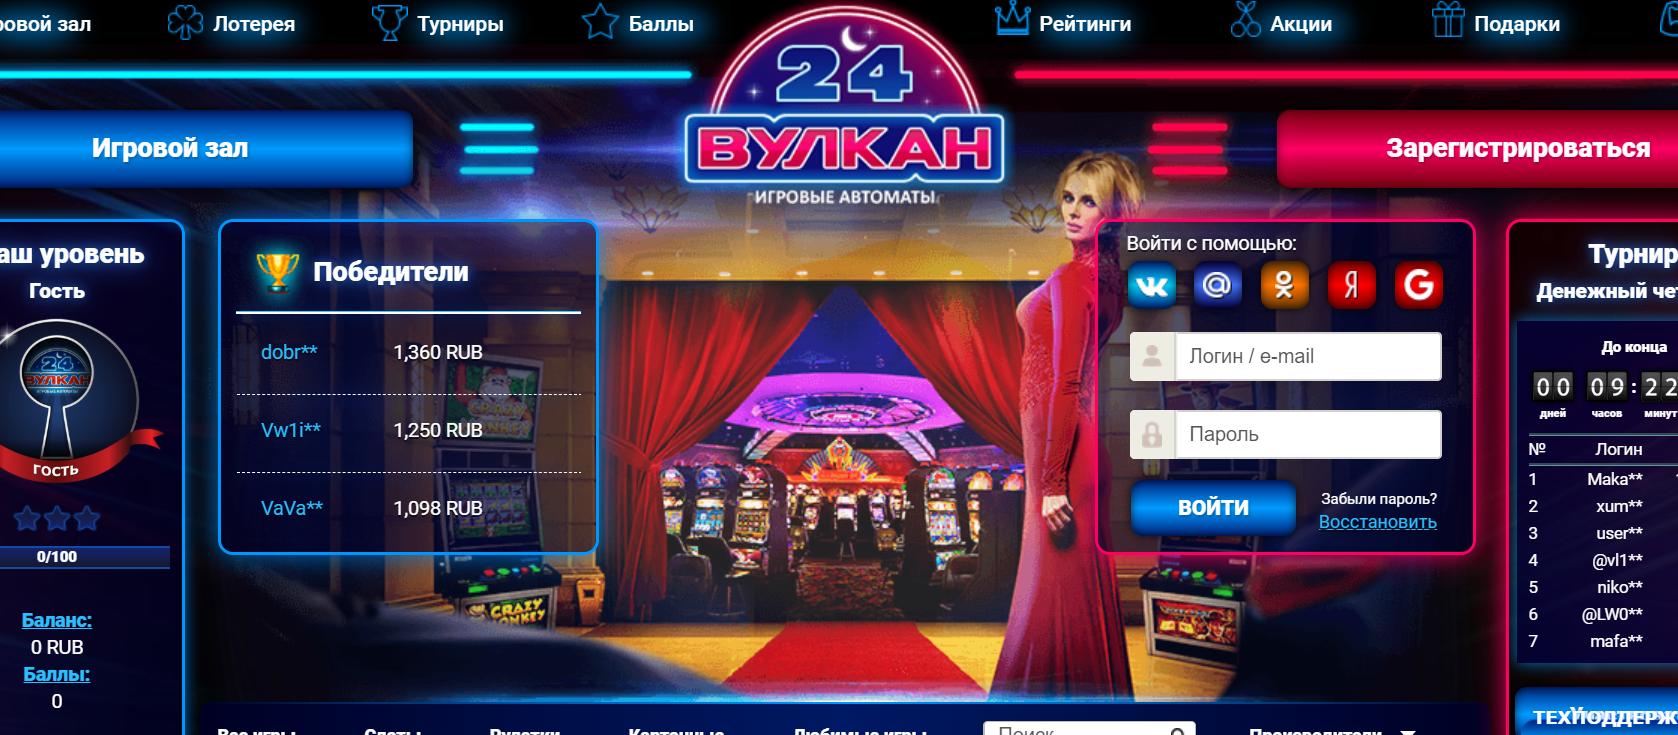 Виртуальное казино Вулкан 24, доступное в любое время